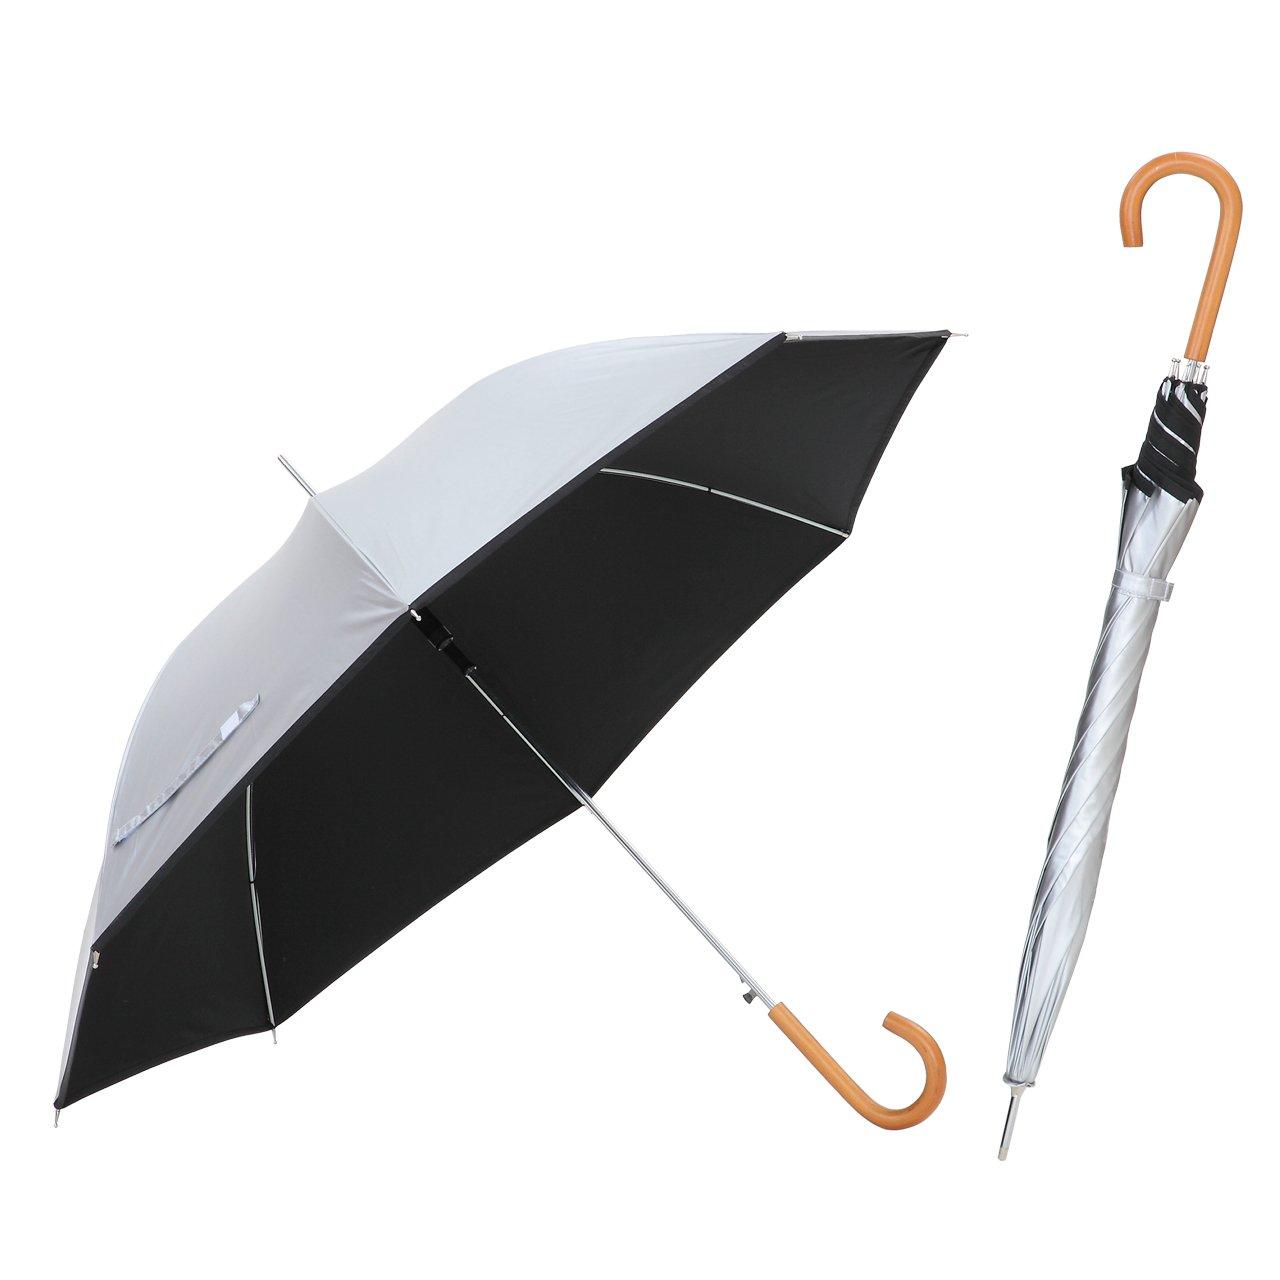 日傘 親骨60cm 直径106cm <ひんやり傘> ジャンプ傘 シルバー/ブラック 晴雨兼用 UPF50+ UVカット率99%以上 遮光率99%以上 遮熱効果 長傘 ワンタッチ 【LIEBEN-0102】